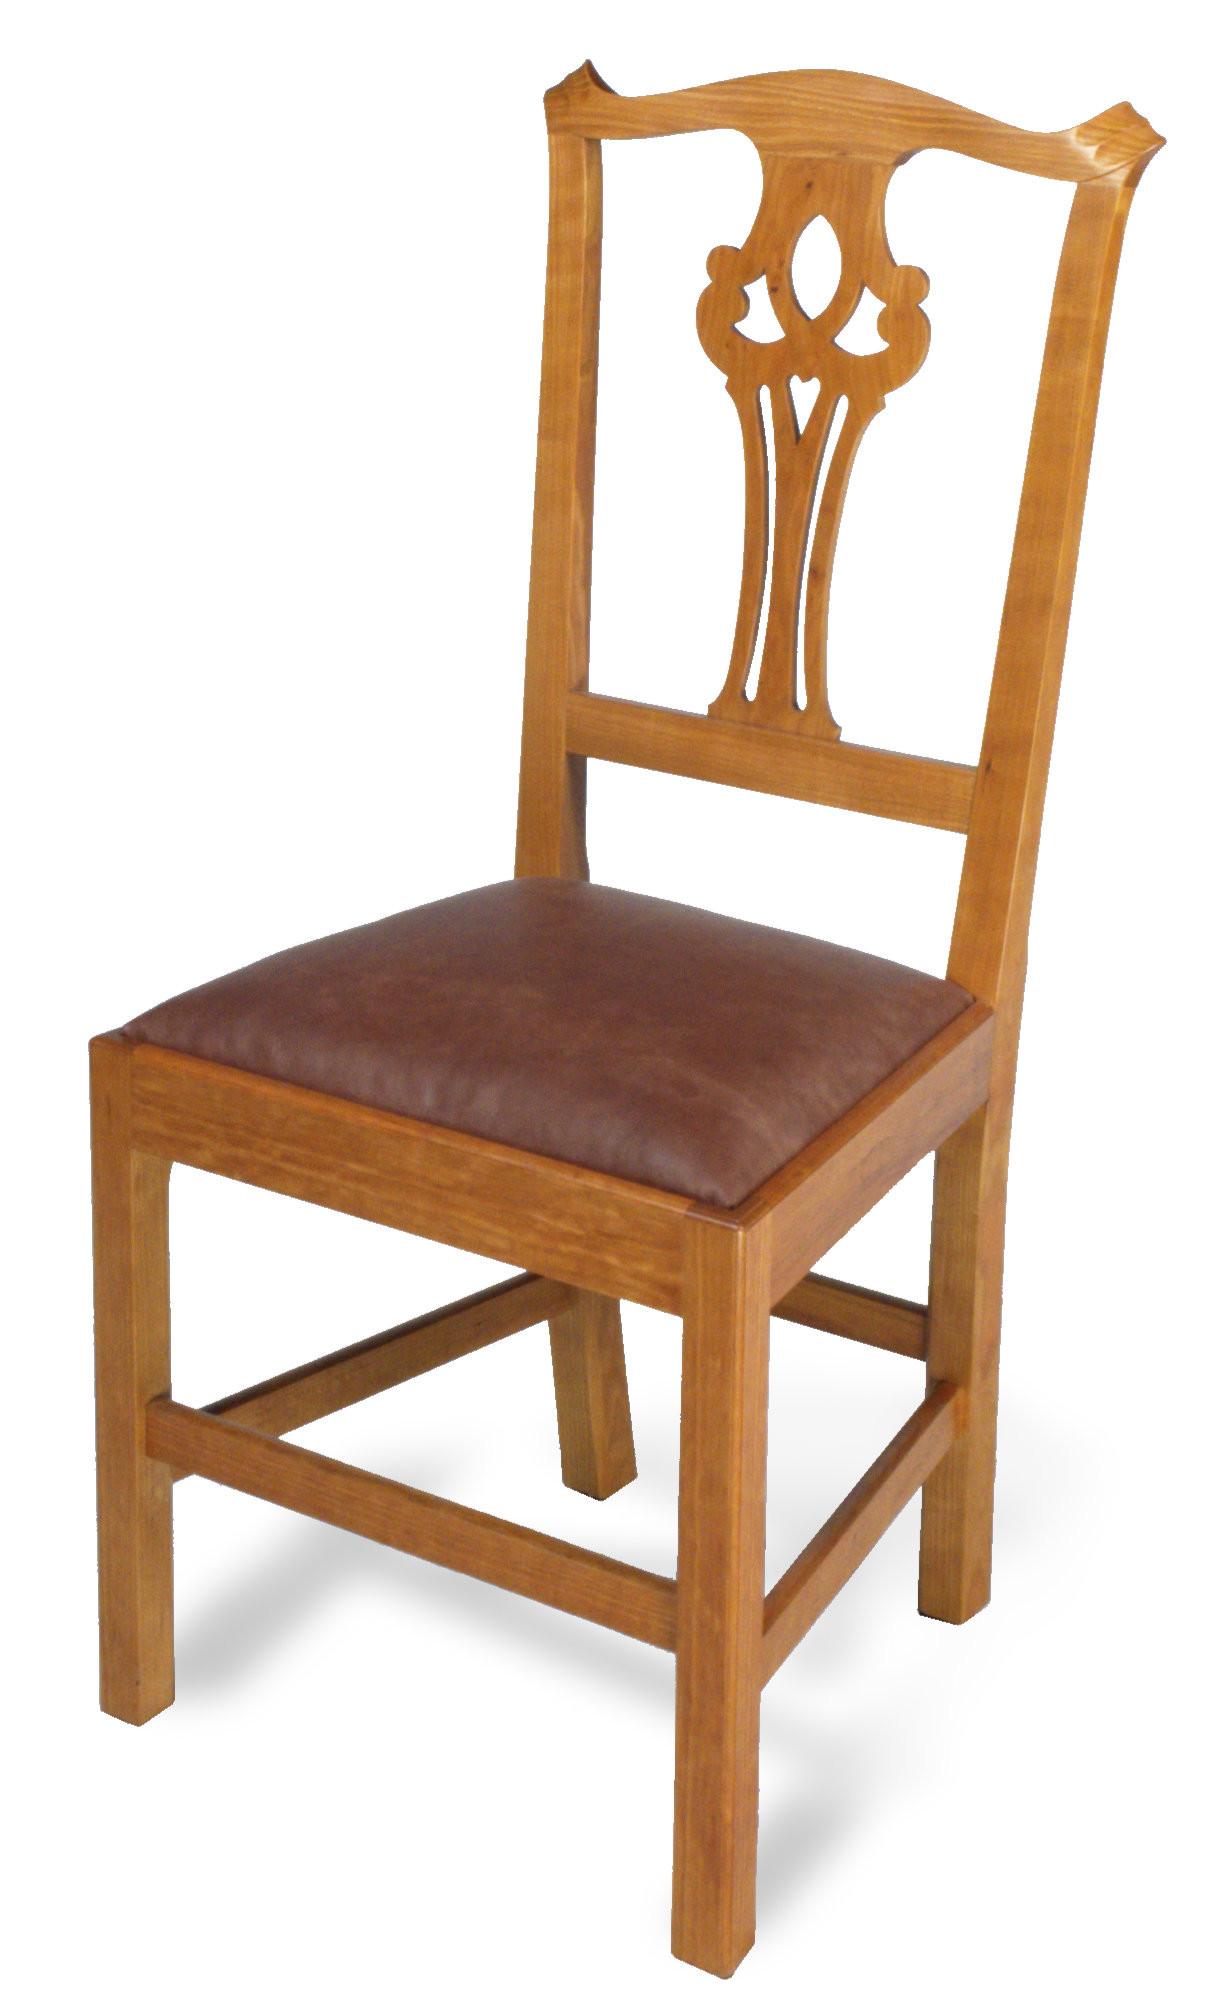 Pete E Michelinie Fine Furniture Vermont Chippendale Chair